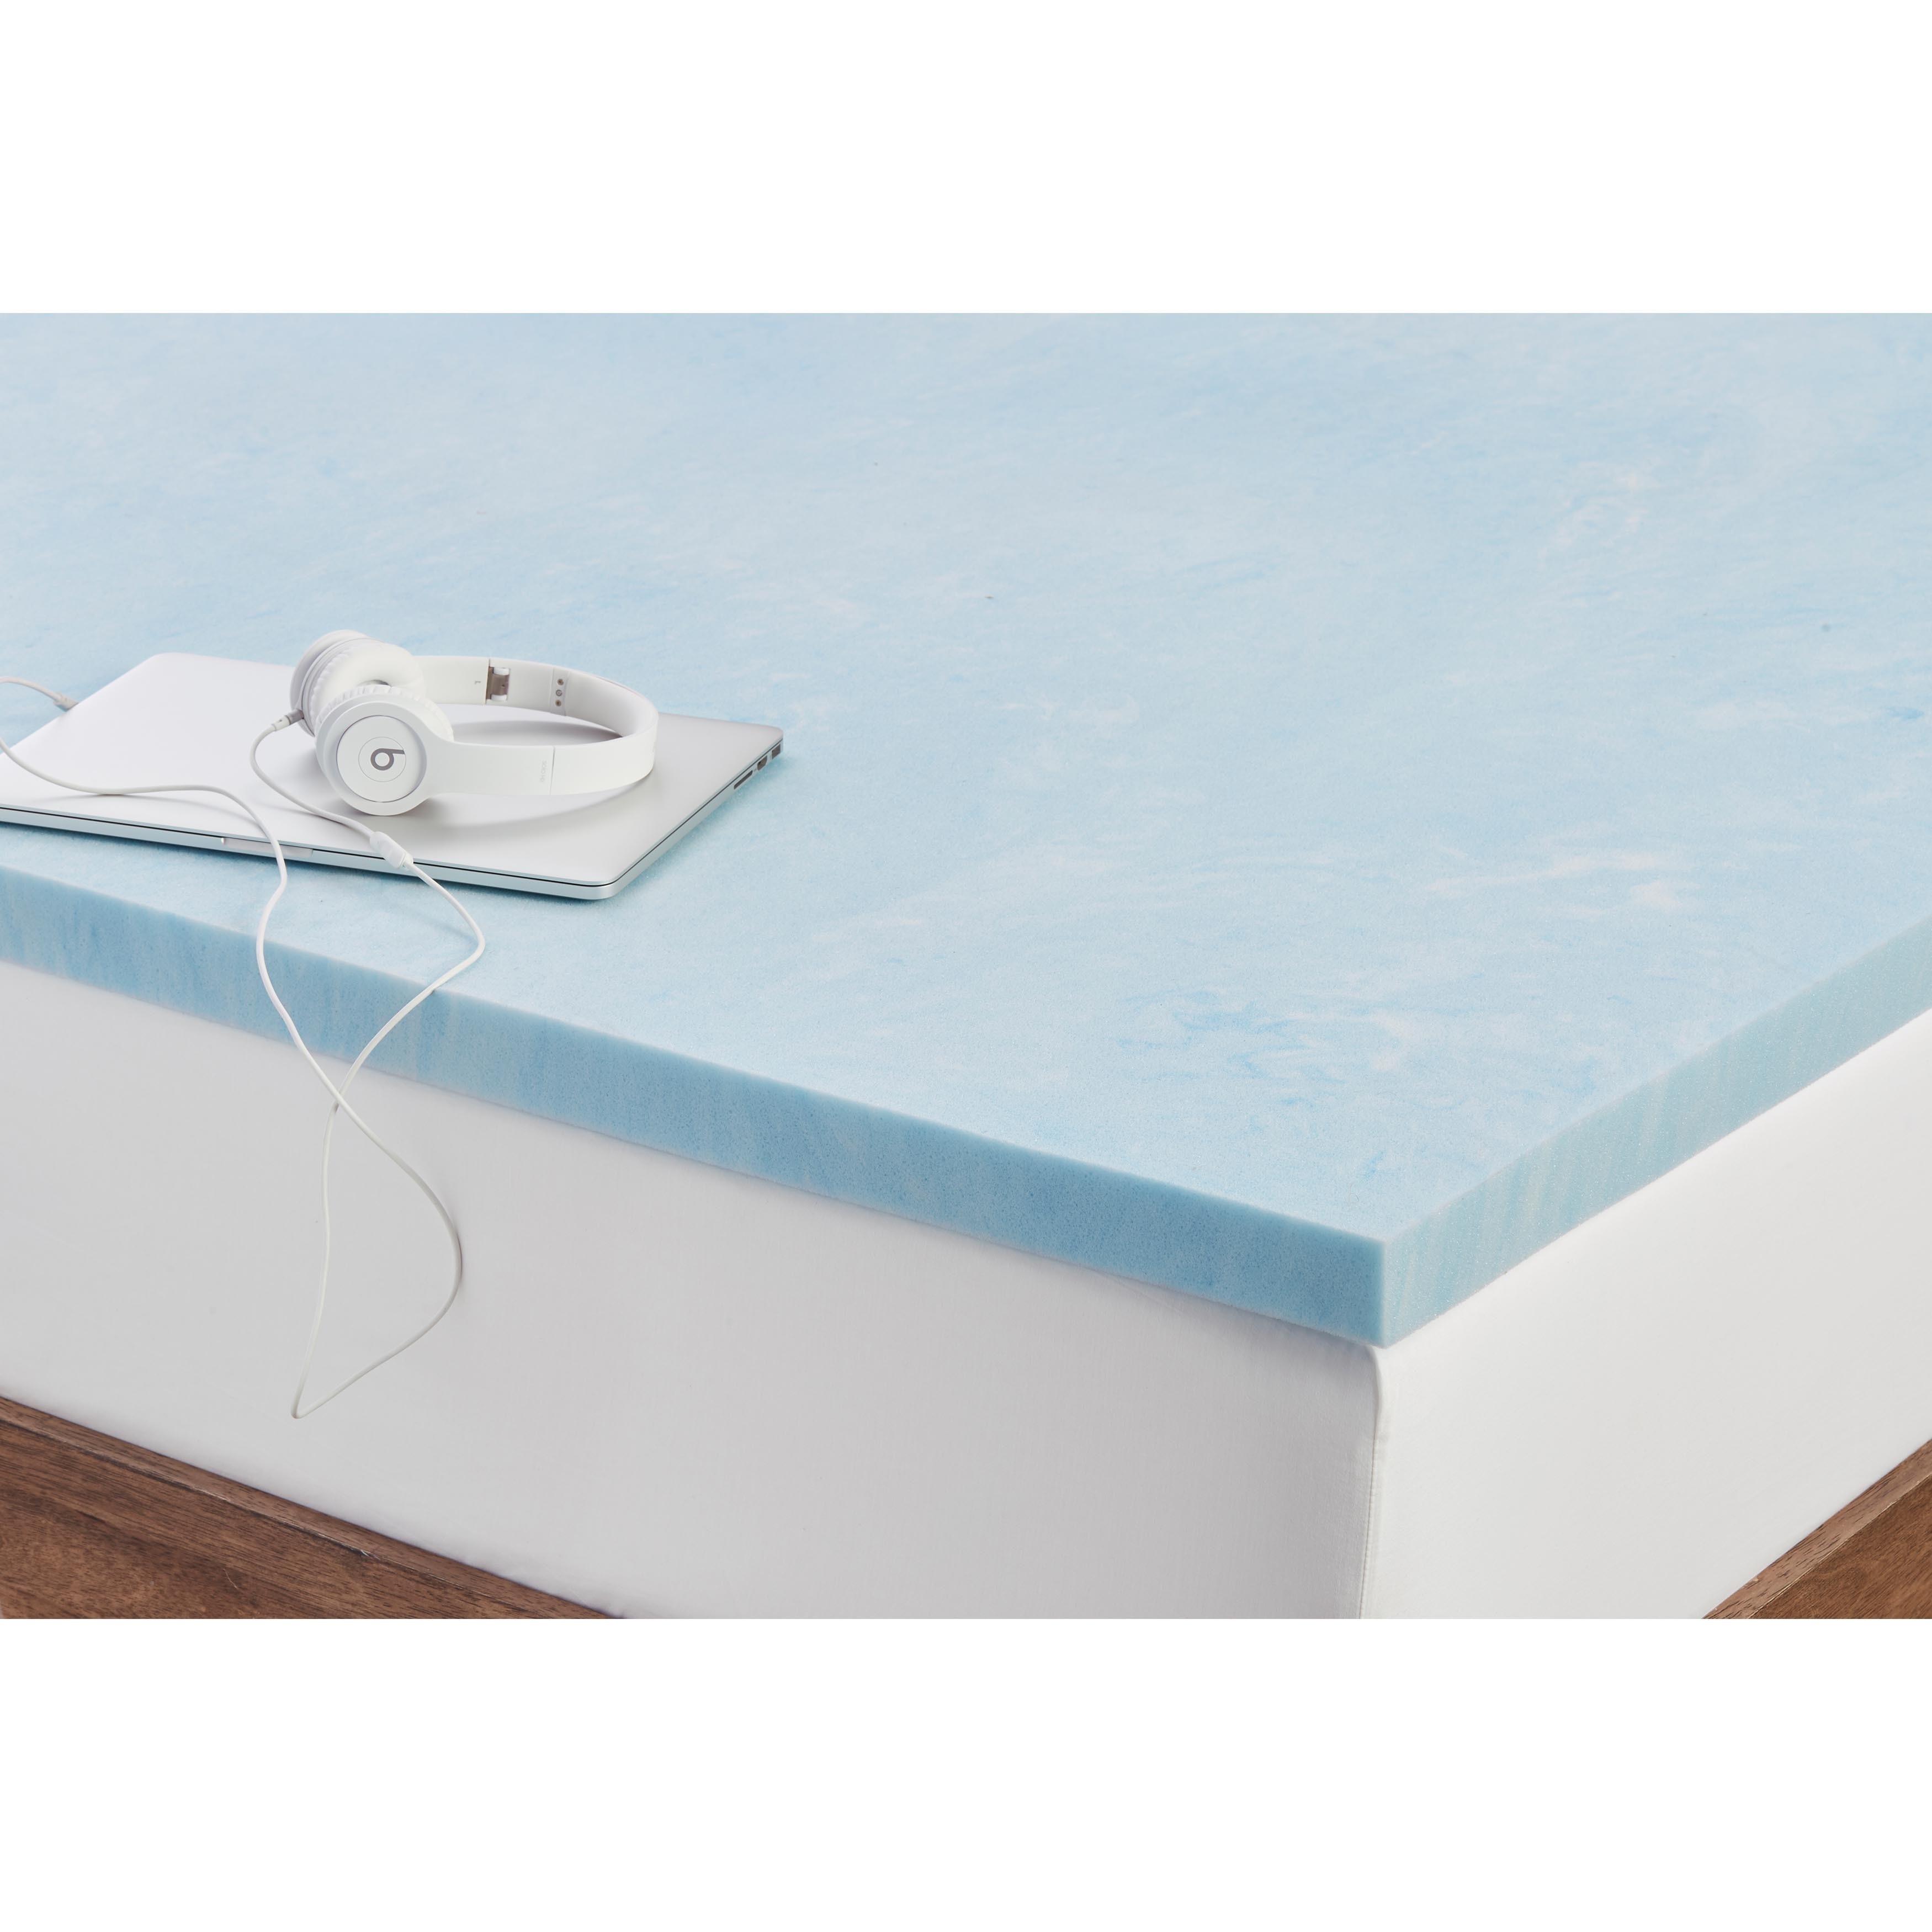 ComforPedic Loft from Beautyrest 2inch Flat Gel Memory Foam